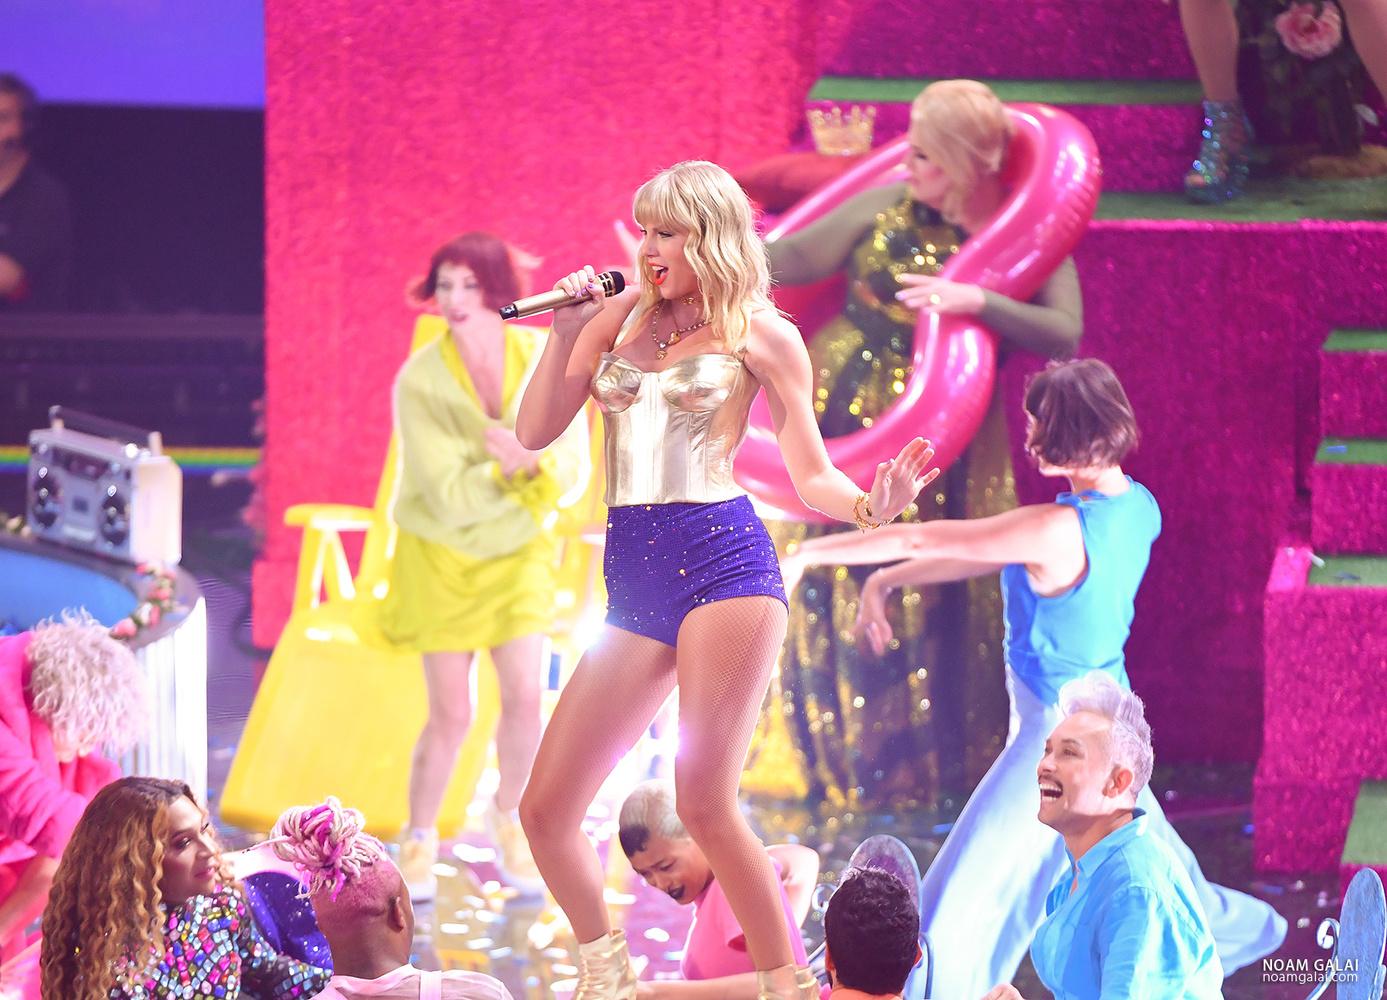 Taylor Swift by Noam Galai